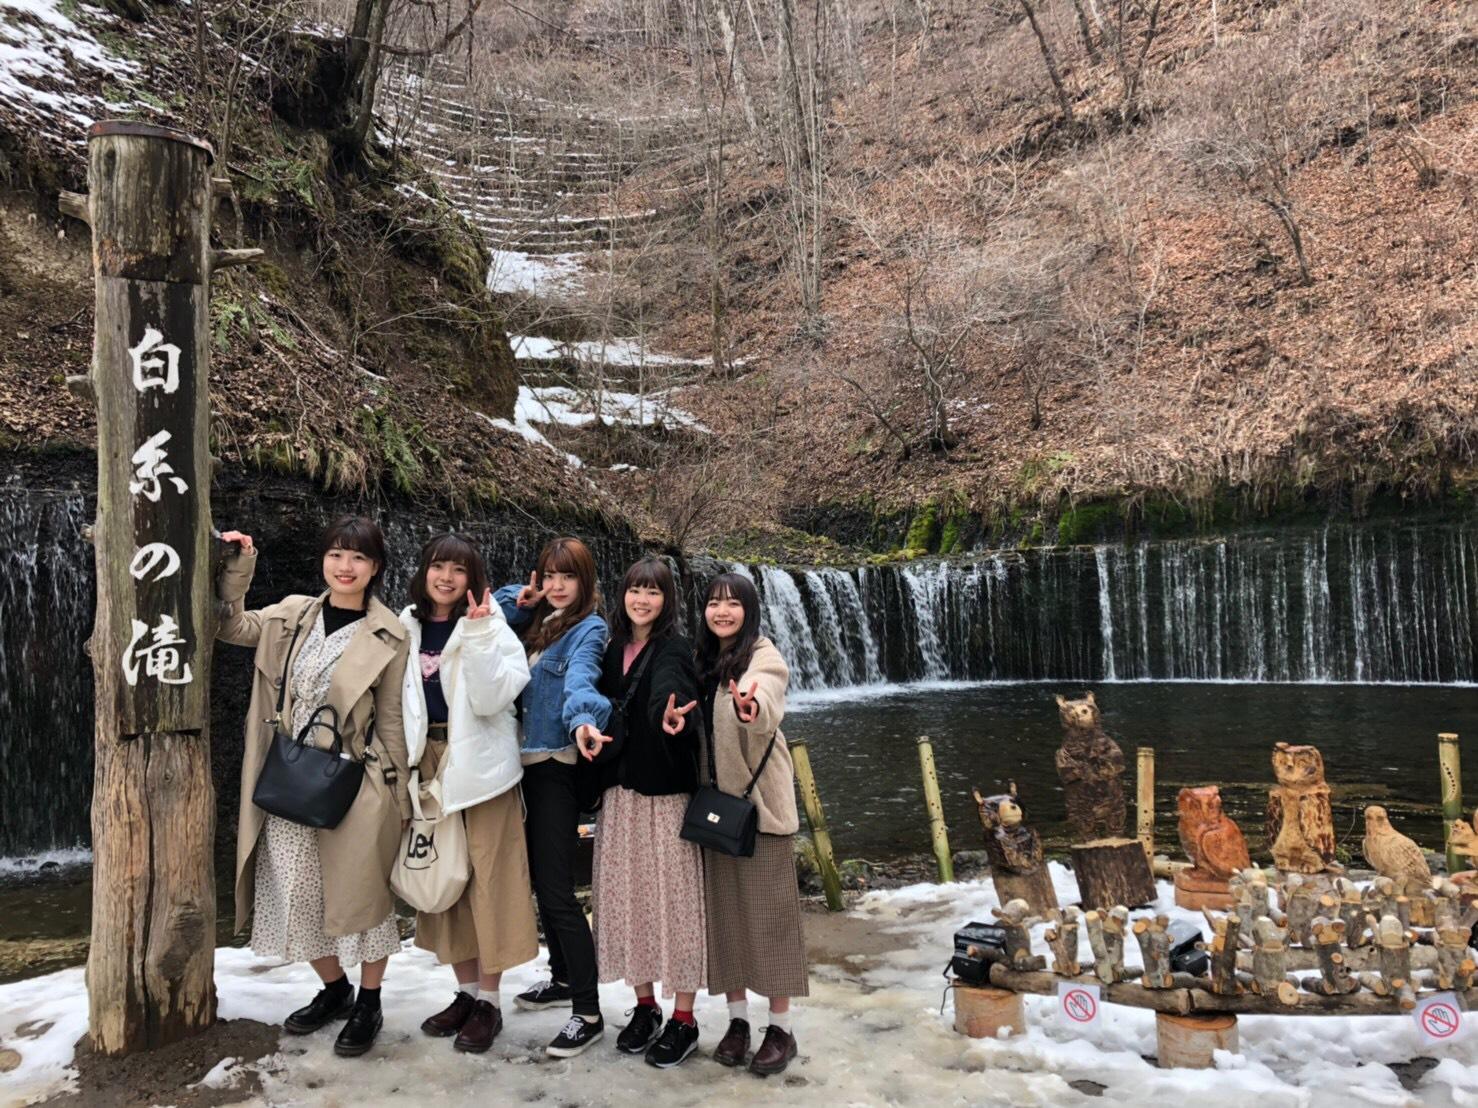 東京から新幹線で約60分の軽井沢は、卒業旅行にも人気